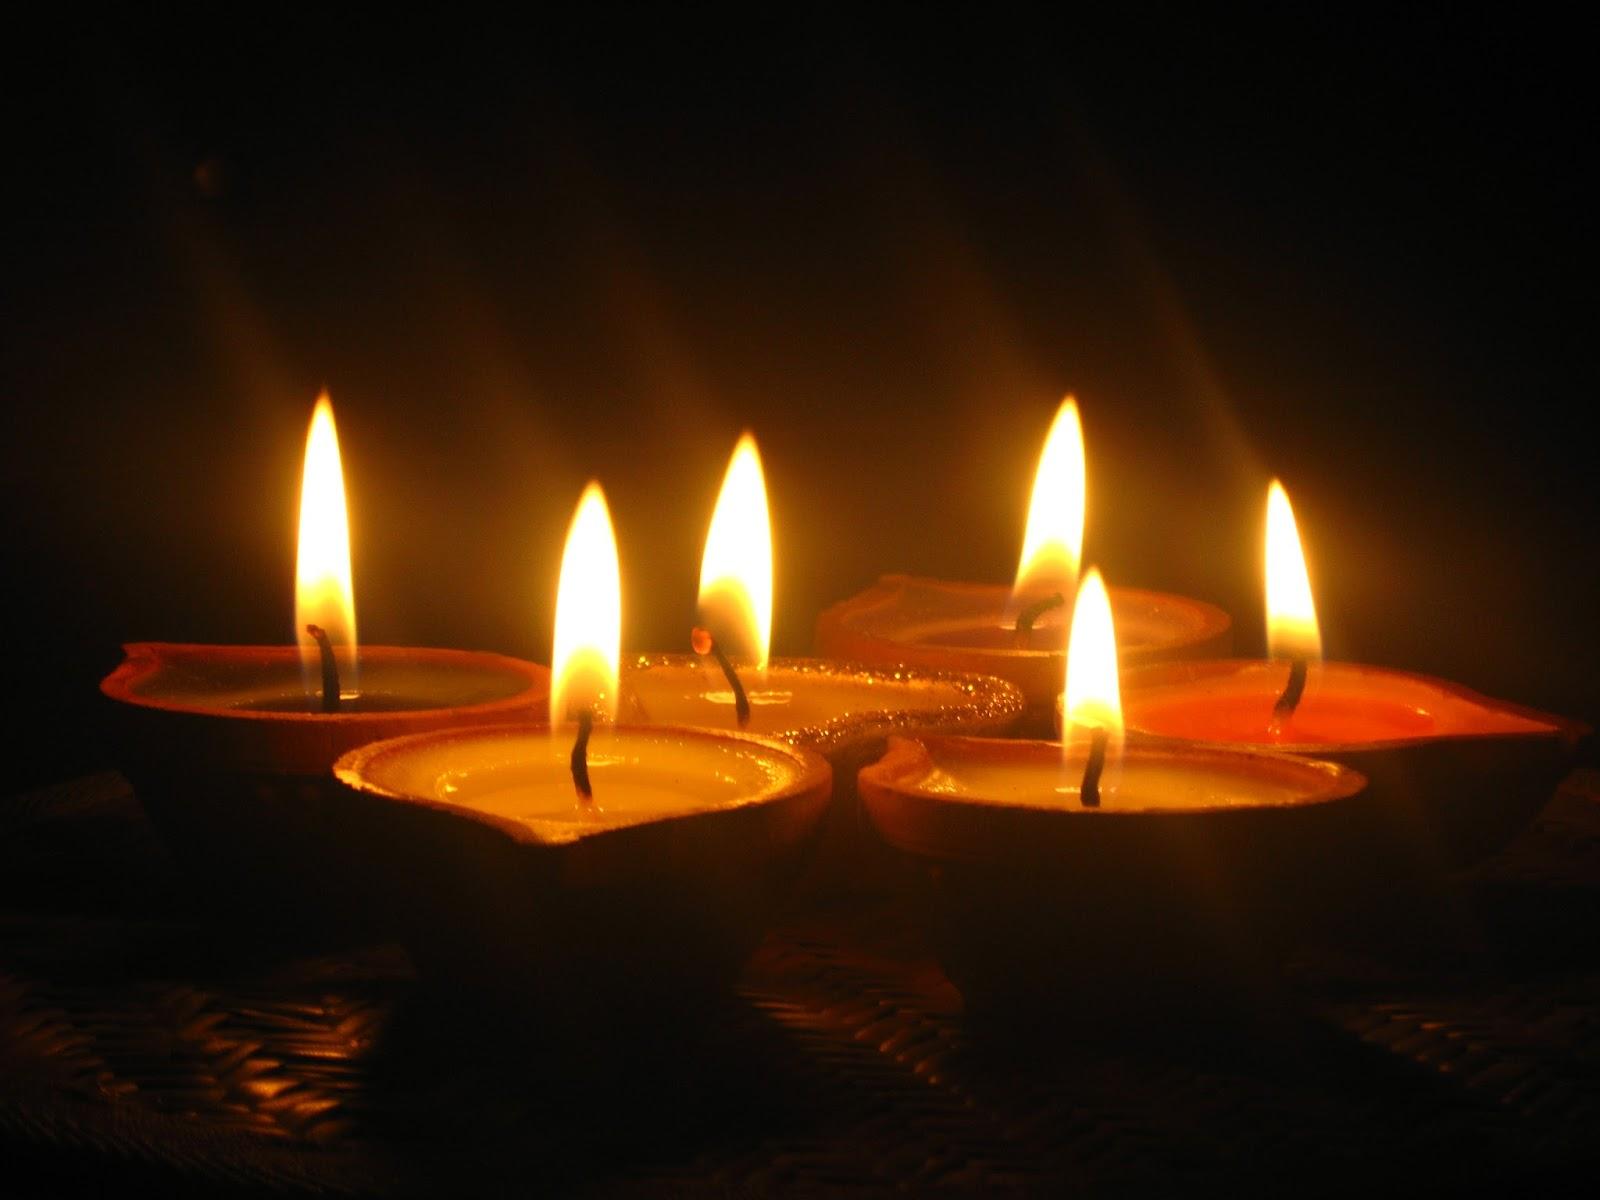 essay writing diwali festival 91 121 113 106 essay writing diwali festival